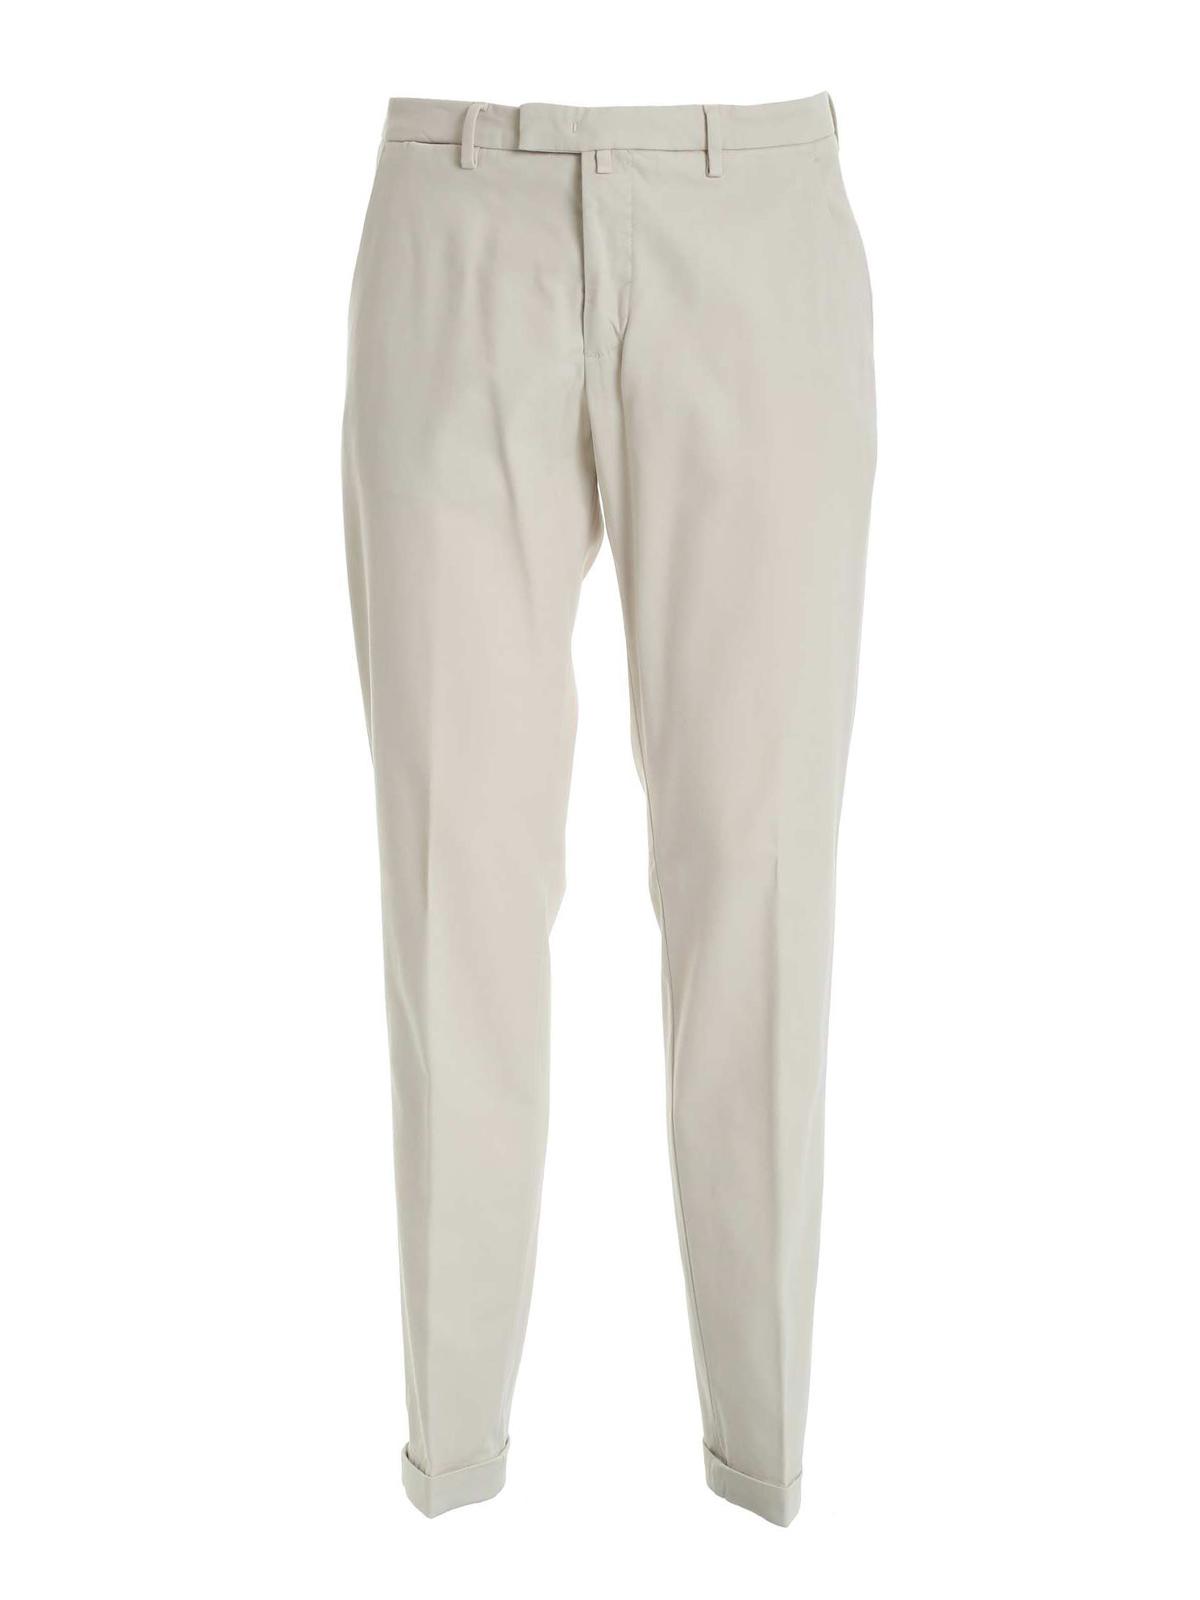 Picture of BRIGLIA 1949 | Men's Cotton and Modal Slim Trousers